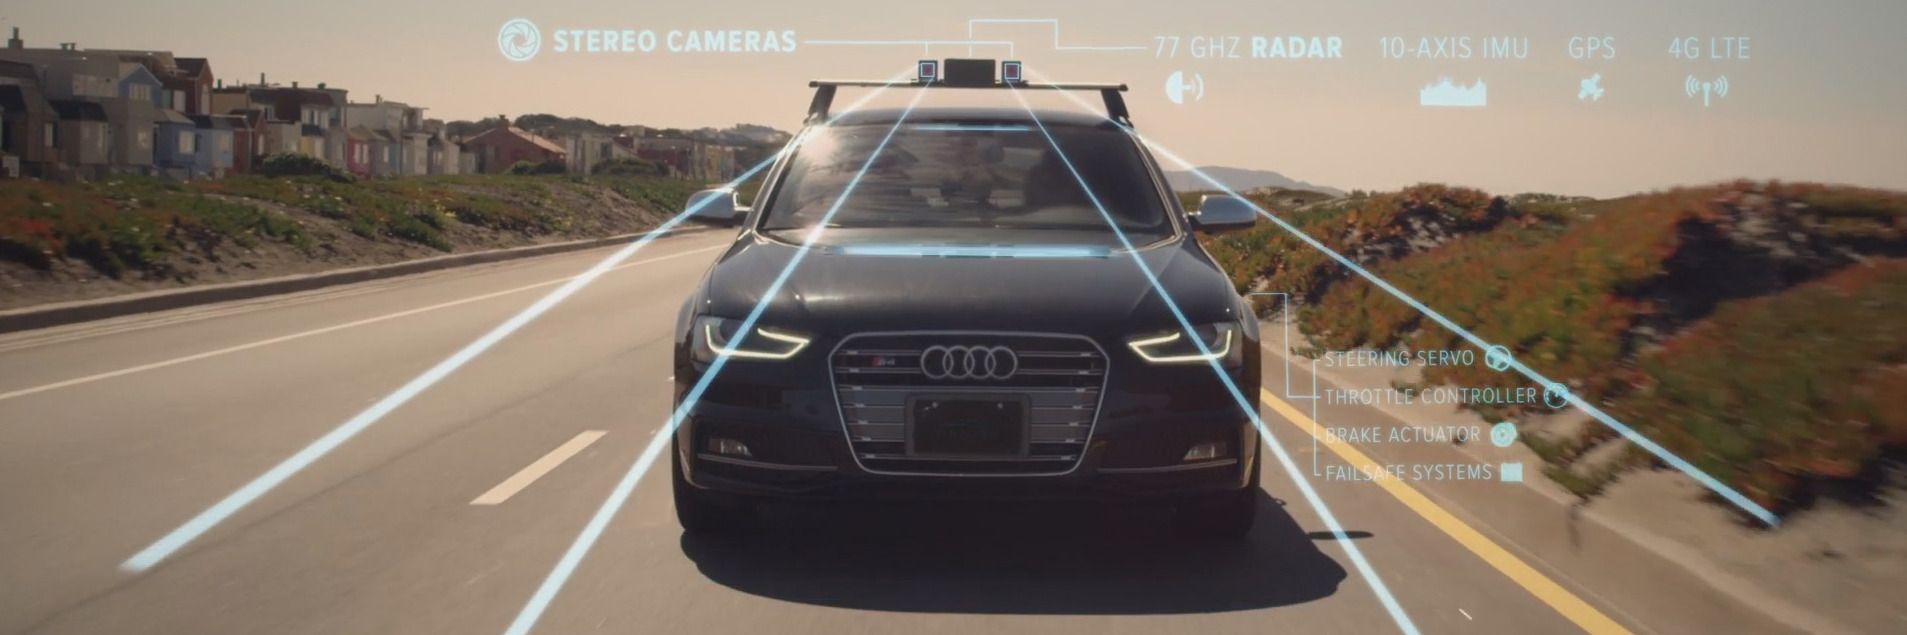 Kameraer, radar og ultrasonisk utstyr gjør at bilen kan «se» mer enn deg.Foto: Cruise